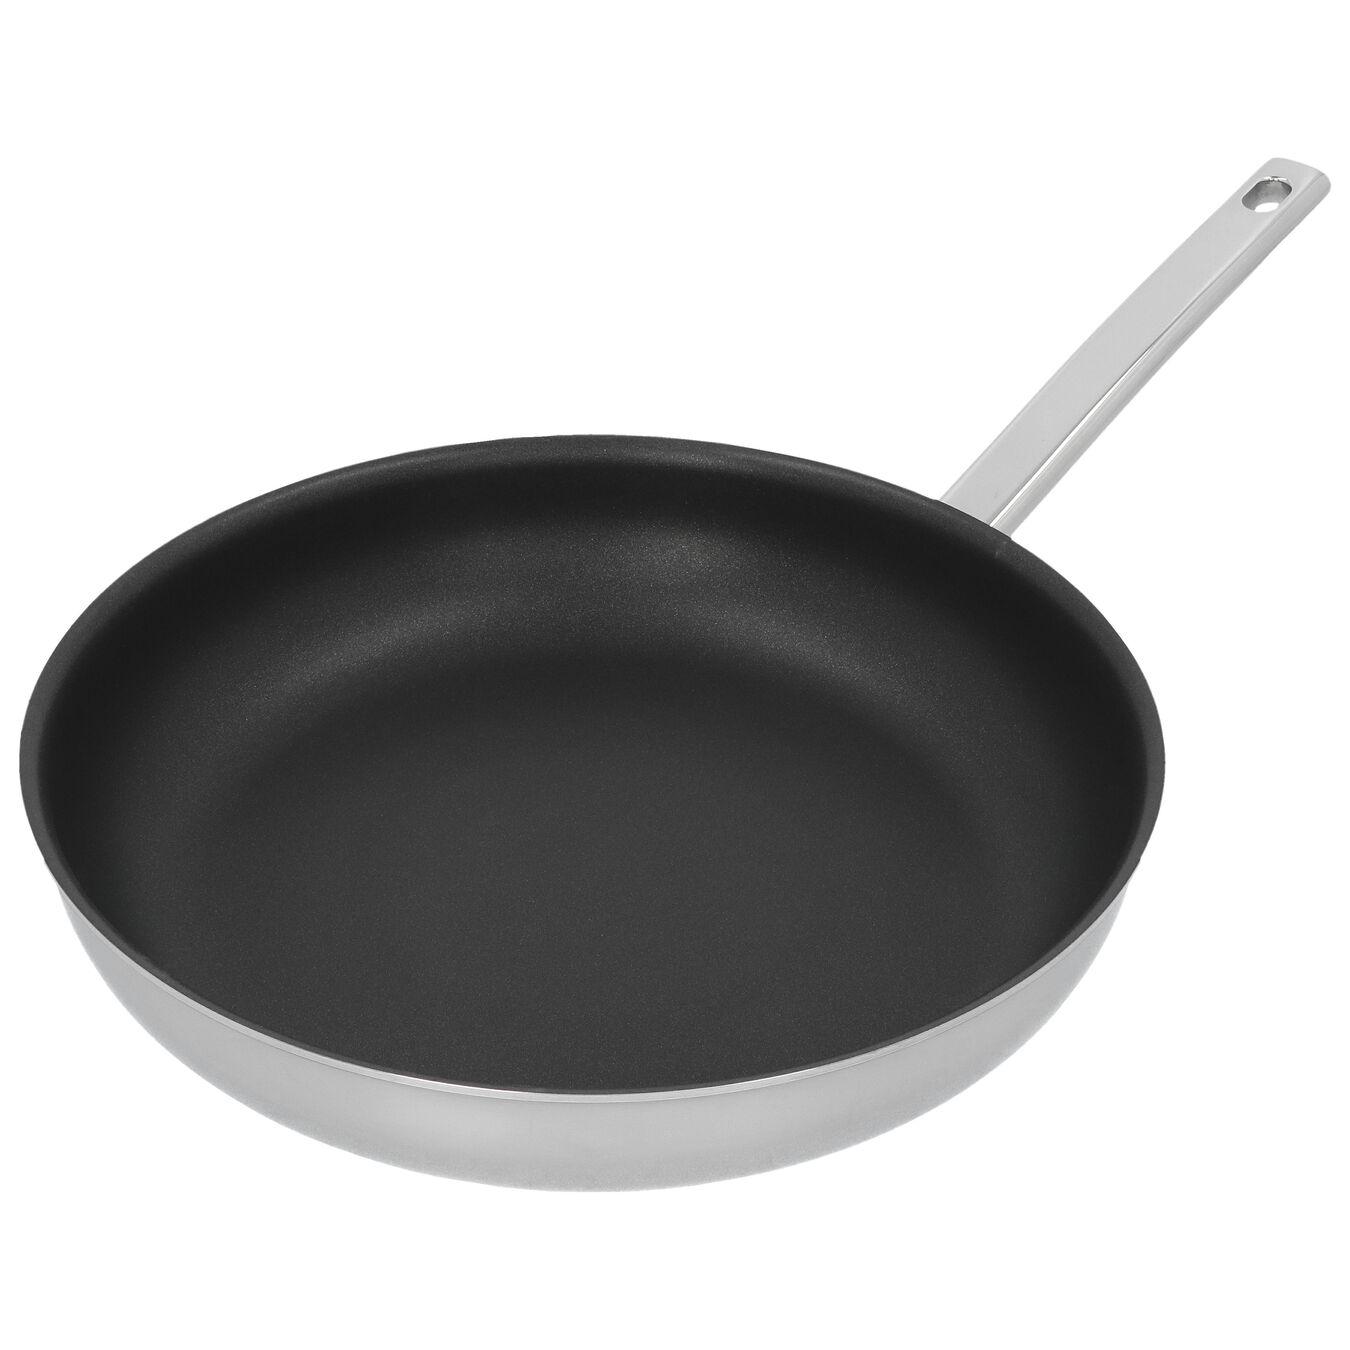 Koekenpan Zilver-zwart 28 cm,,large 2